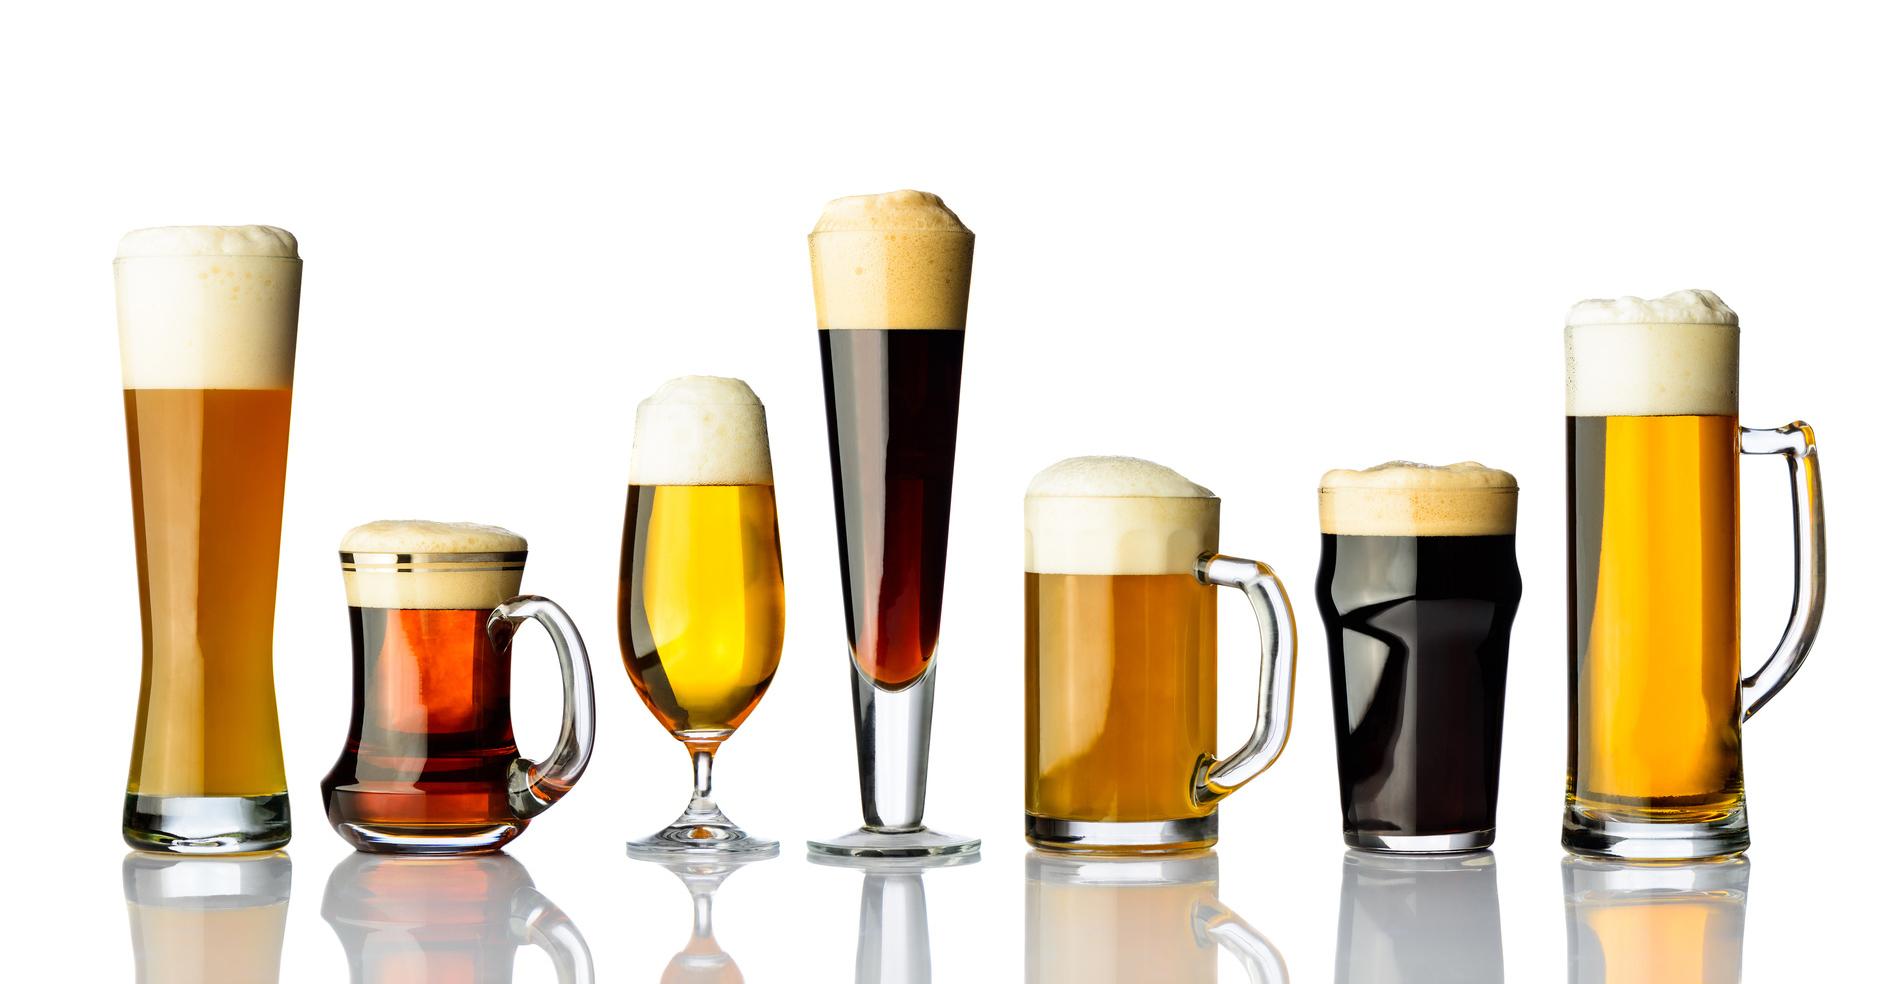 Birra 20 03 17